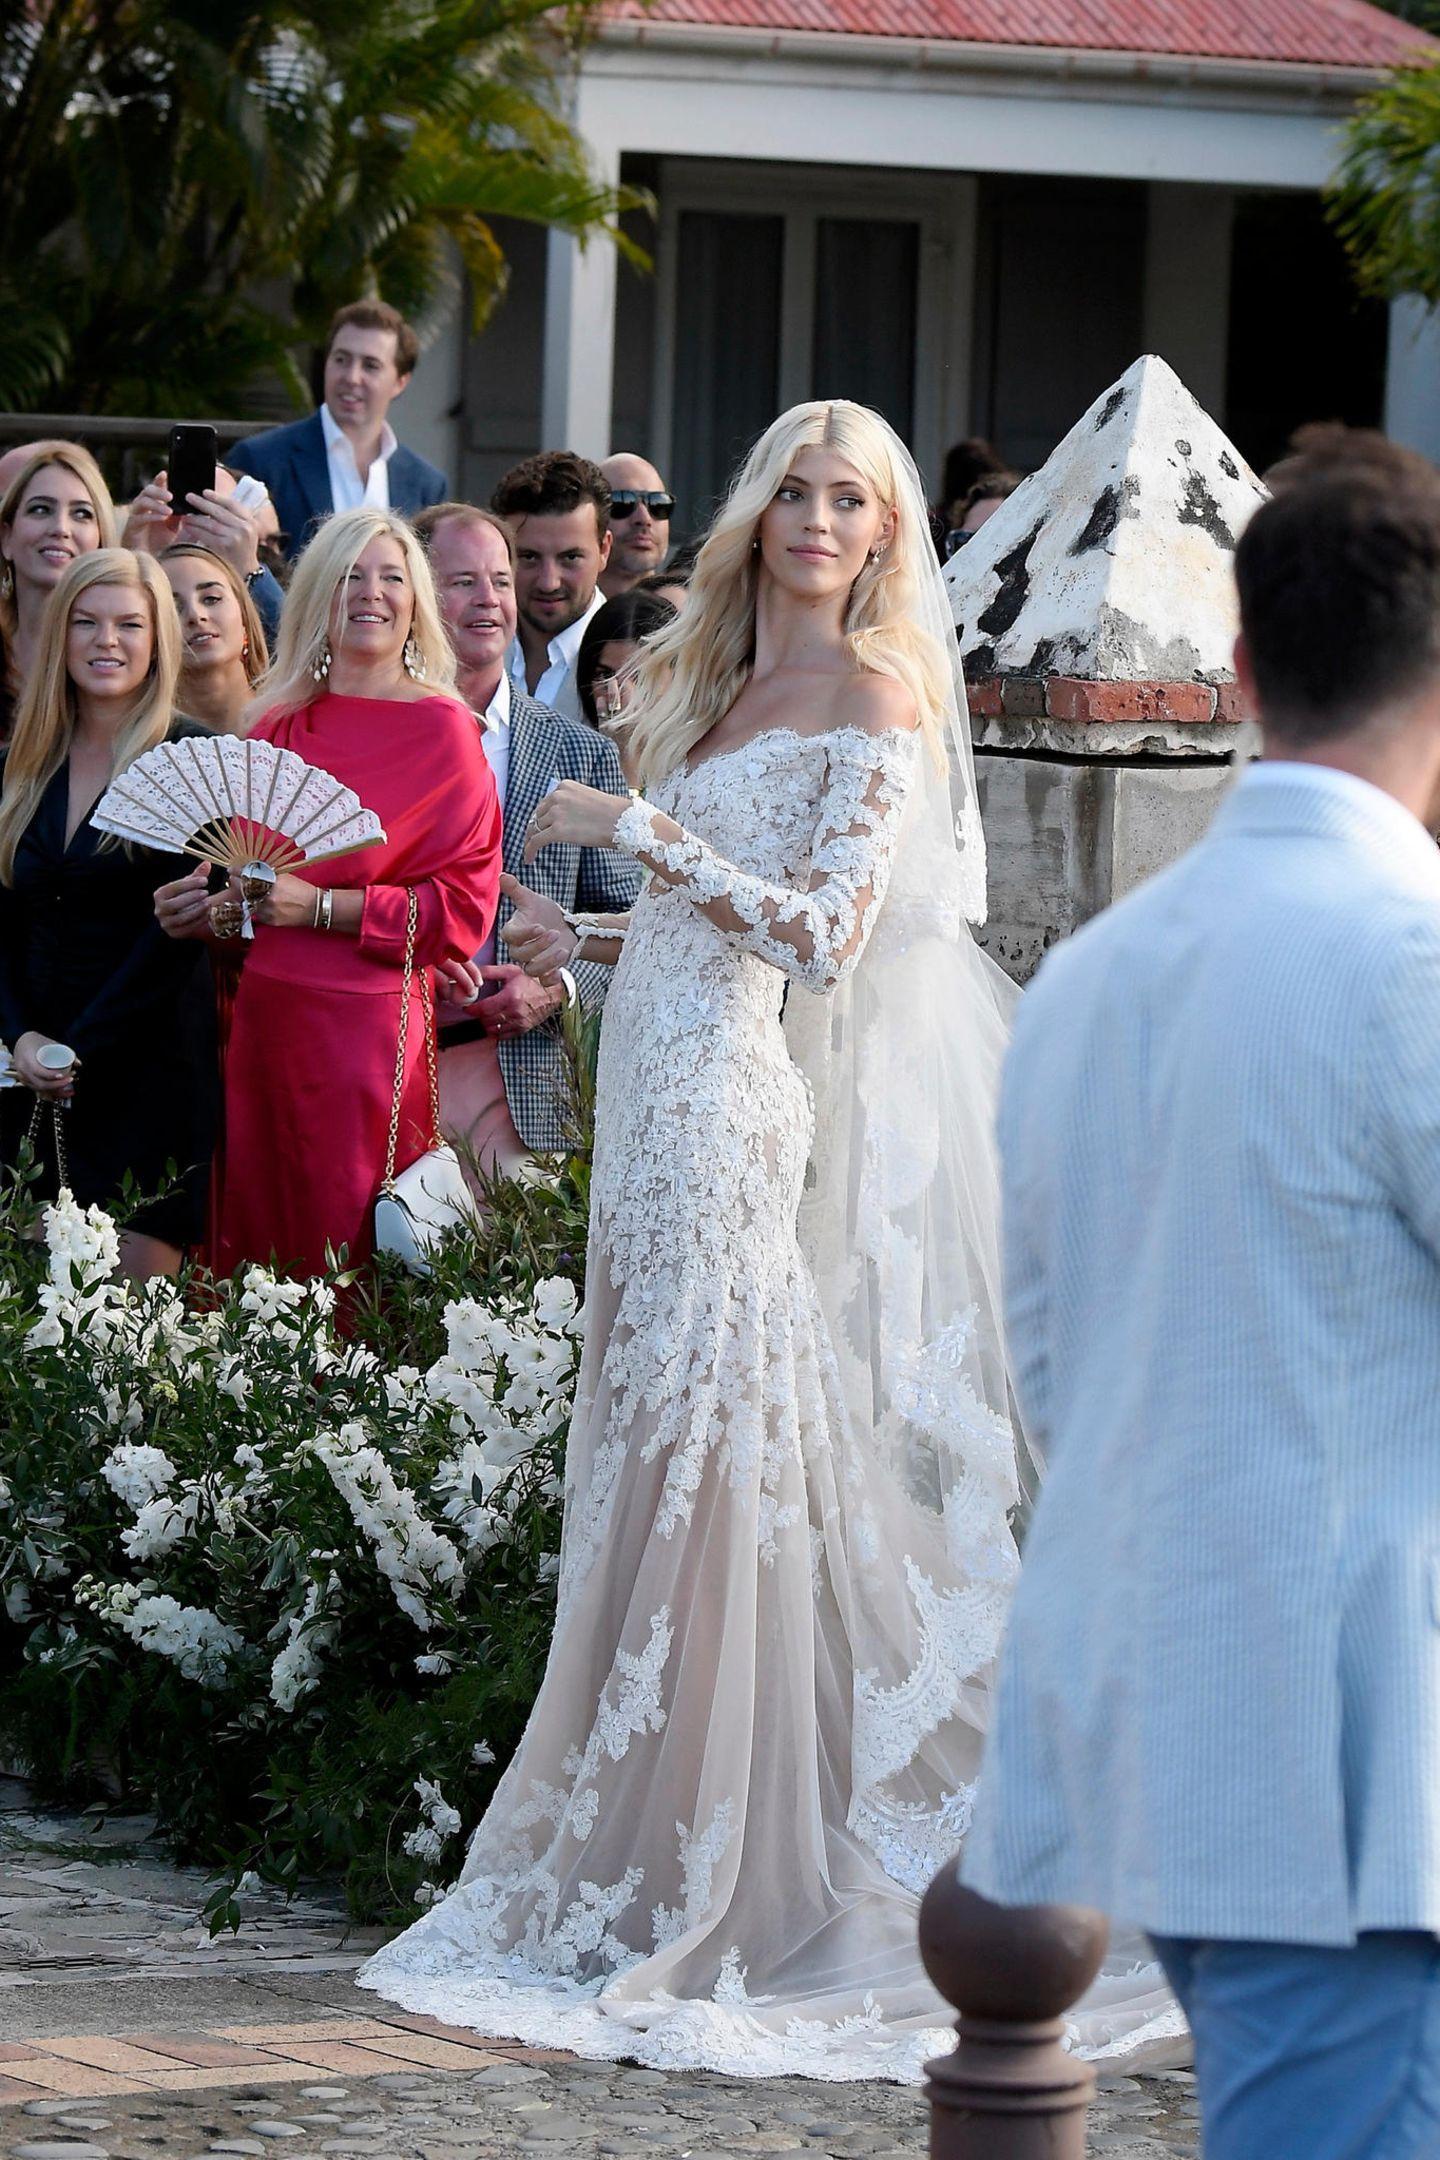 Das Brautkleid des Models besteht komplett aus Spitze, die sich mit transparenten Elementen abwechselt. Das Kleid hat eine leichte A-Linie, wodurch es am Saum glockenartig die Beine der hübschen Blondine umschmeichelt. Der Off-Shoulder-Schnitt gibt den Blick auf Denvons schöne Schultern frei. Für ihren großen Tag wählt das Model ein dezentes Make-up.